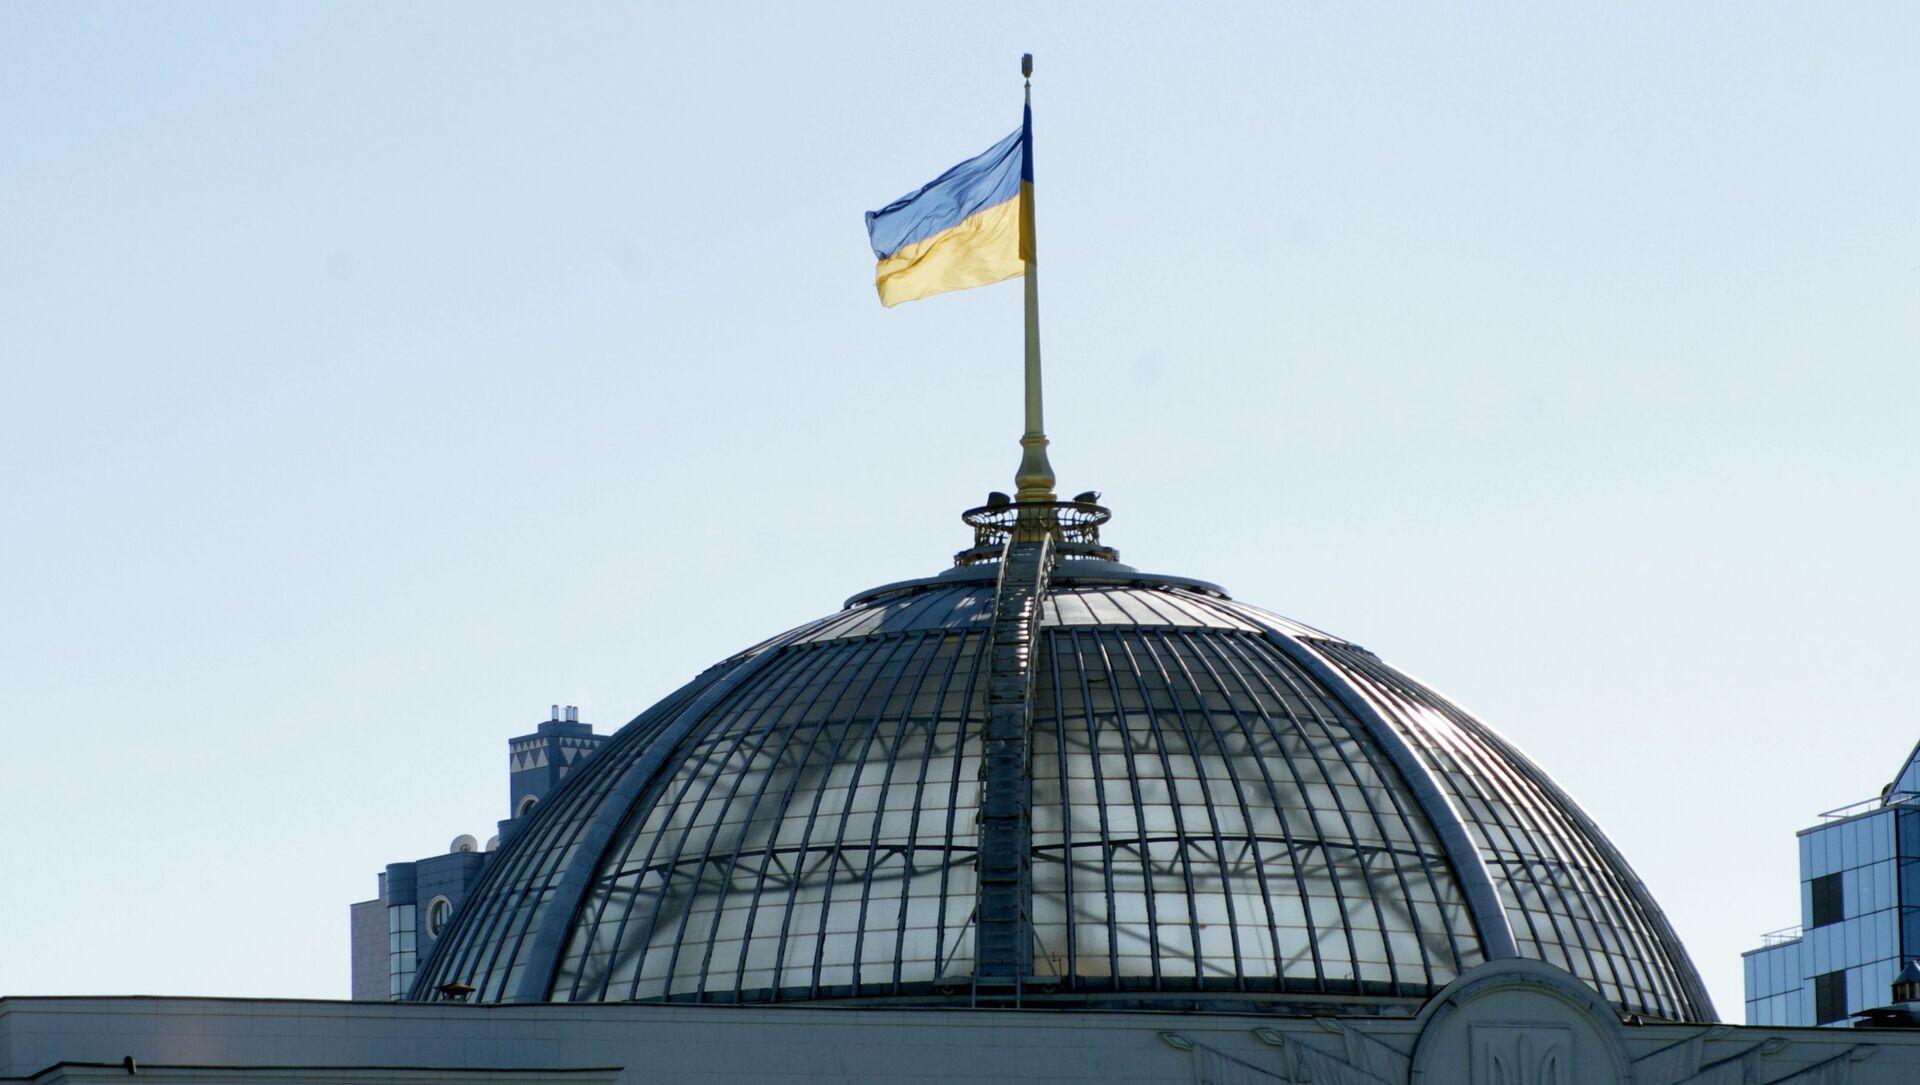 Ukrajinaská vlajka - Sputnik Česká republika, 1920, 05.03.2021